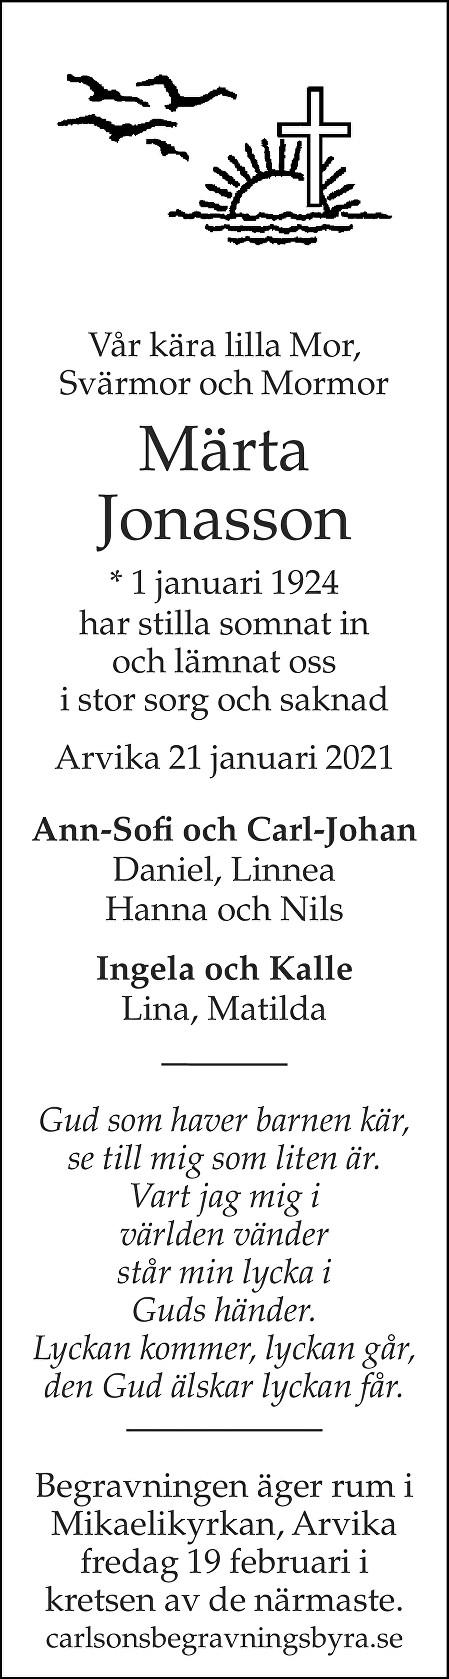 Märta Jonasson Death notice